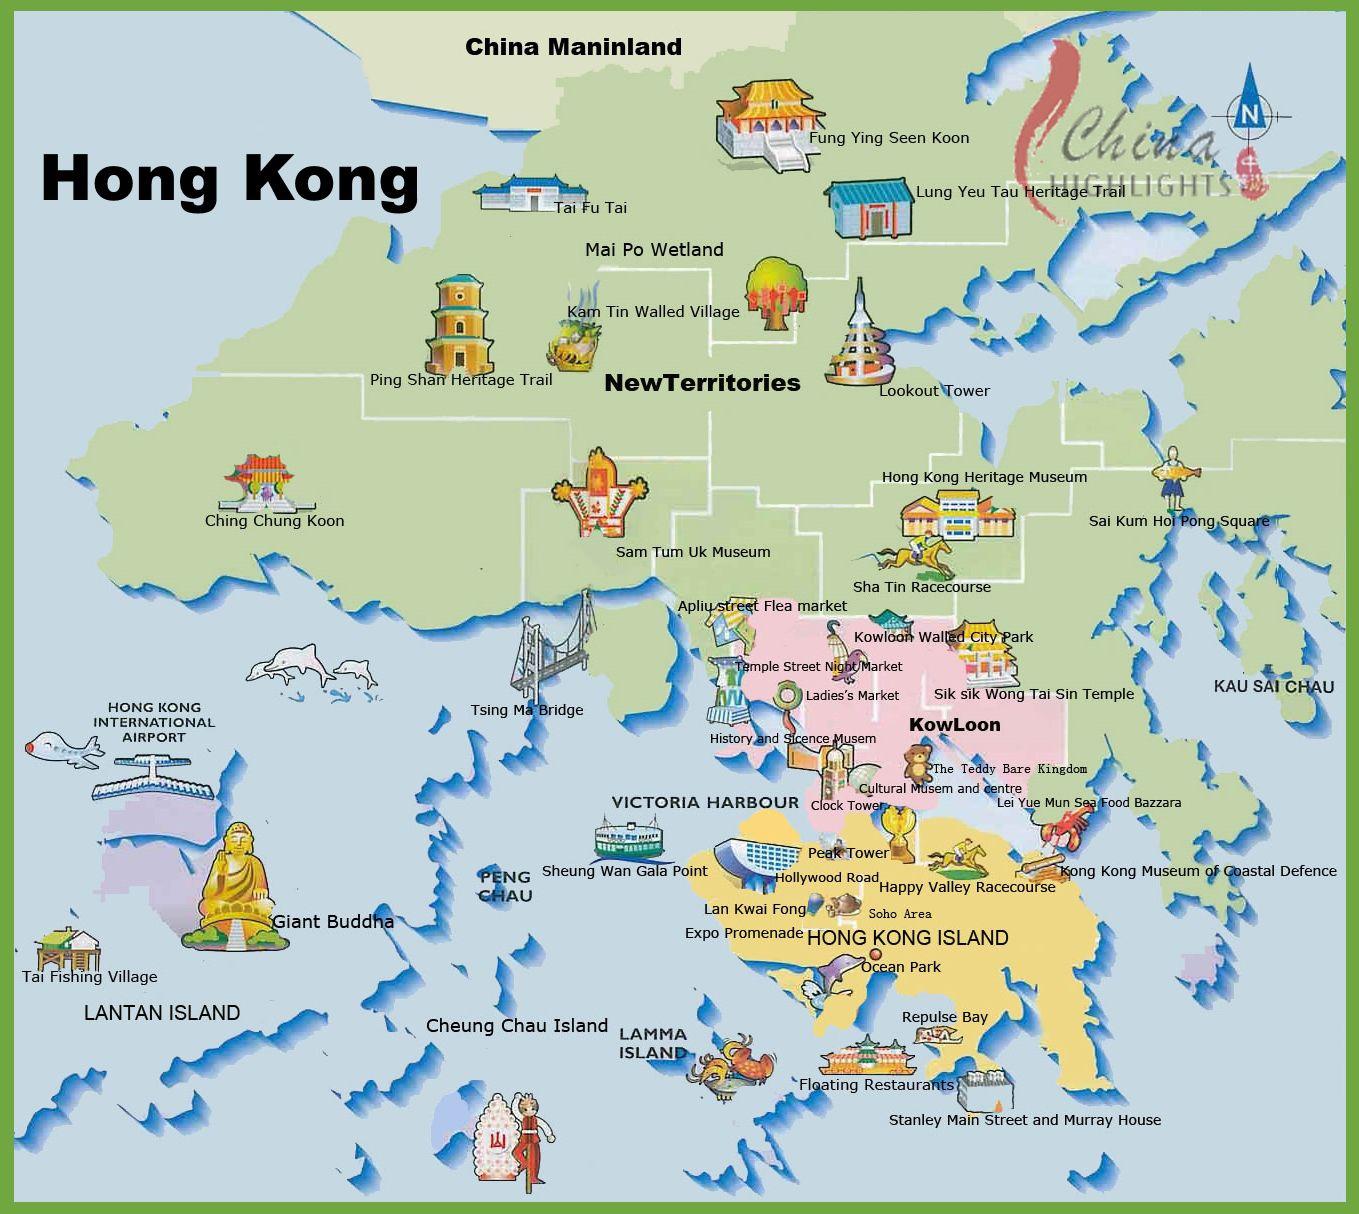 Carte des sites touristiques de Hong Kong